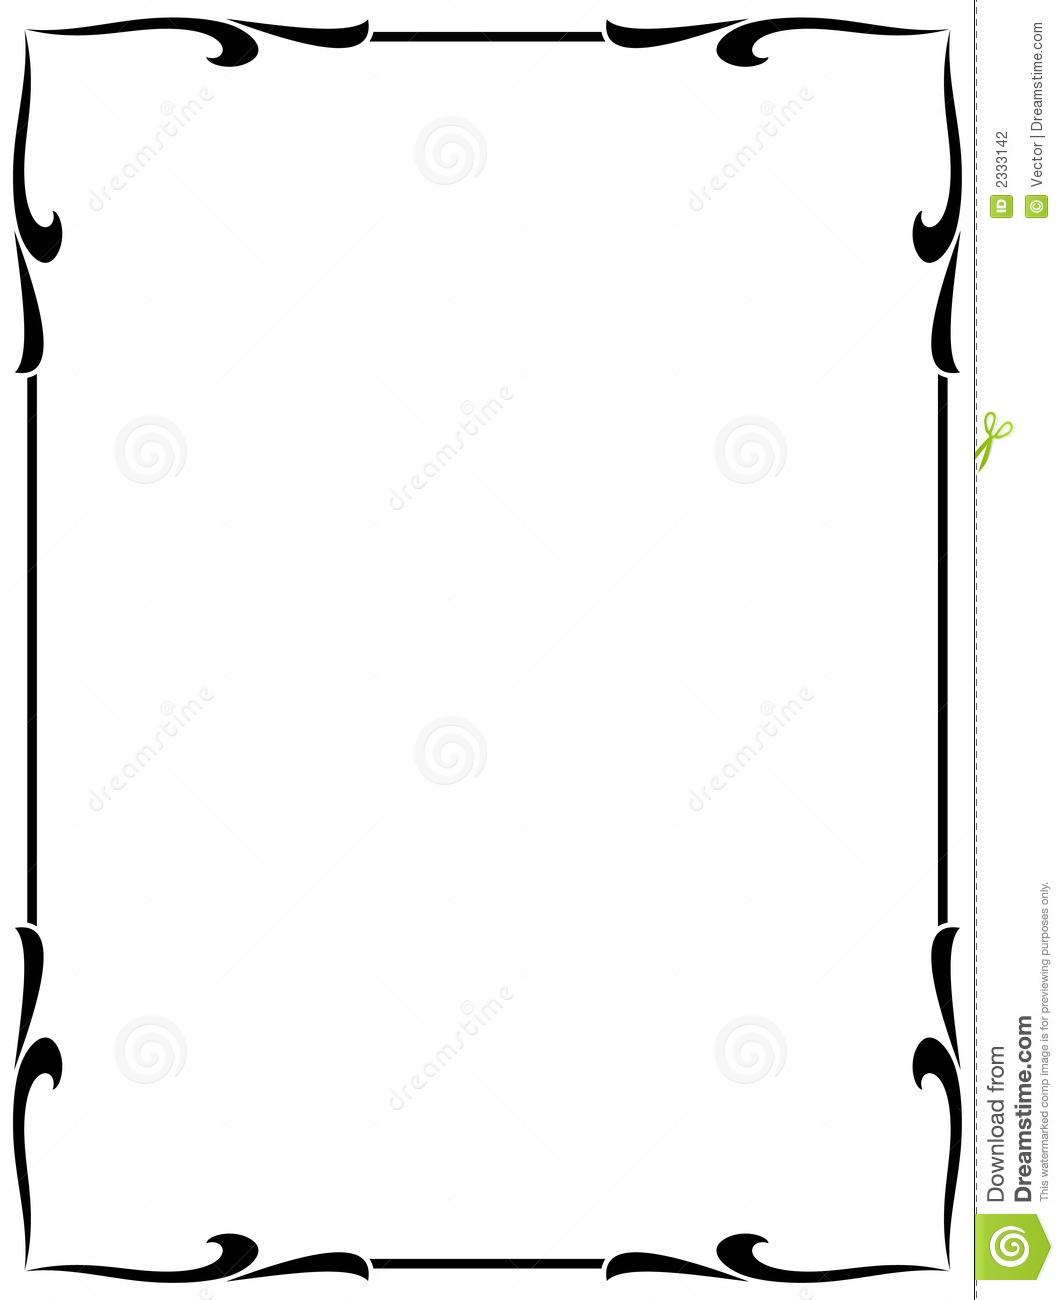 Simple picture frame clipart image transparent Elegant Border Frame | Free download best Elegant Border ... image transparent